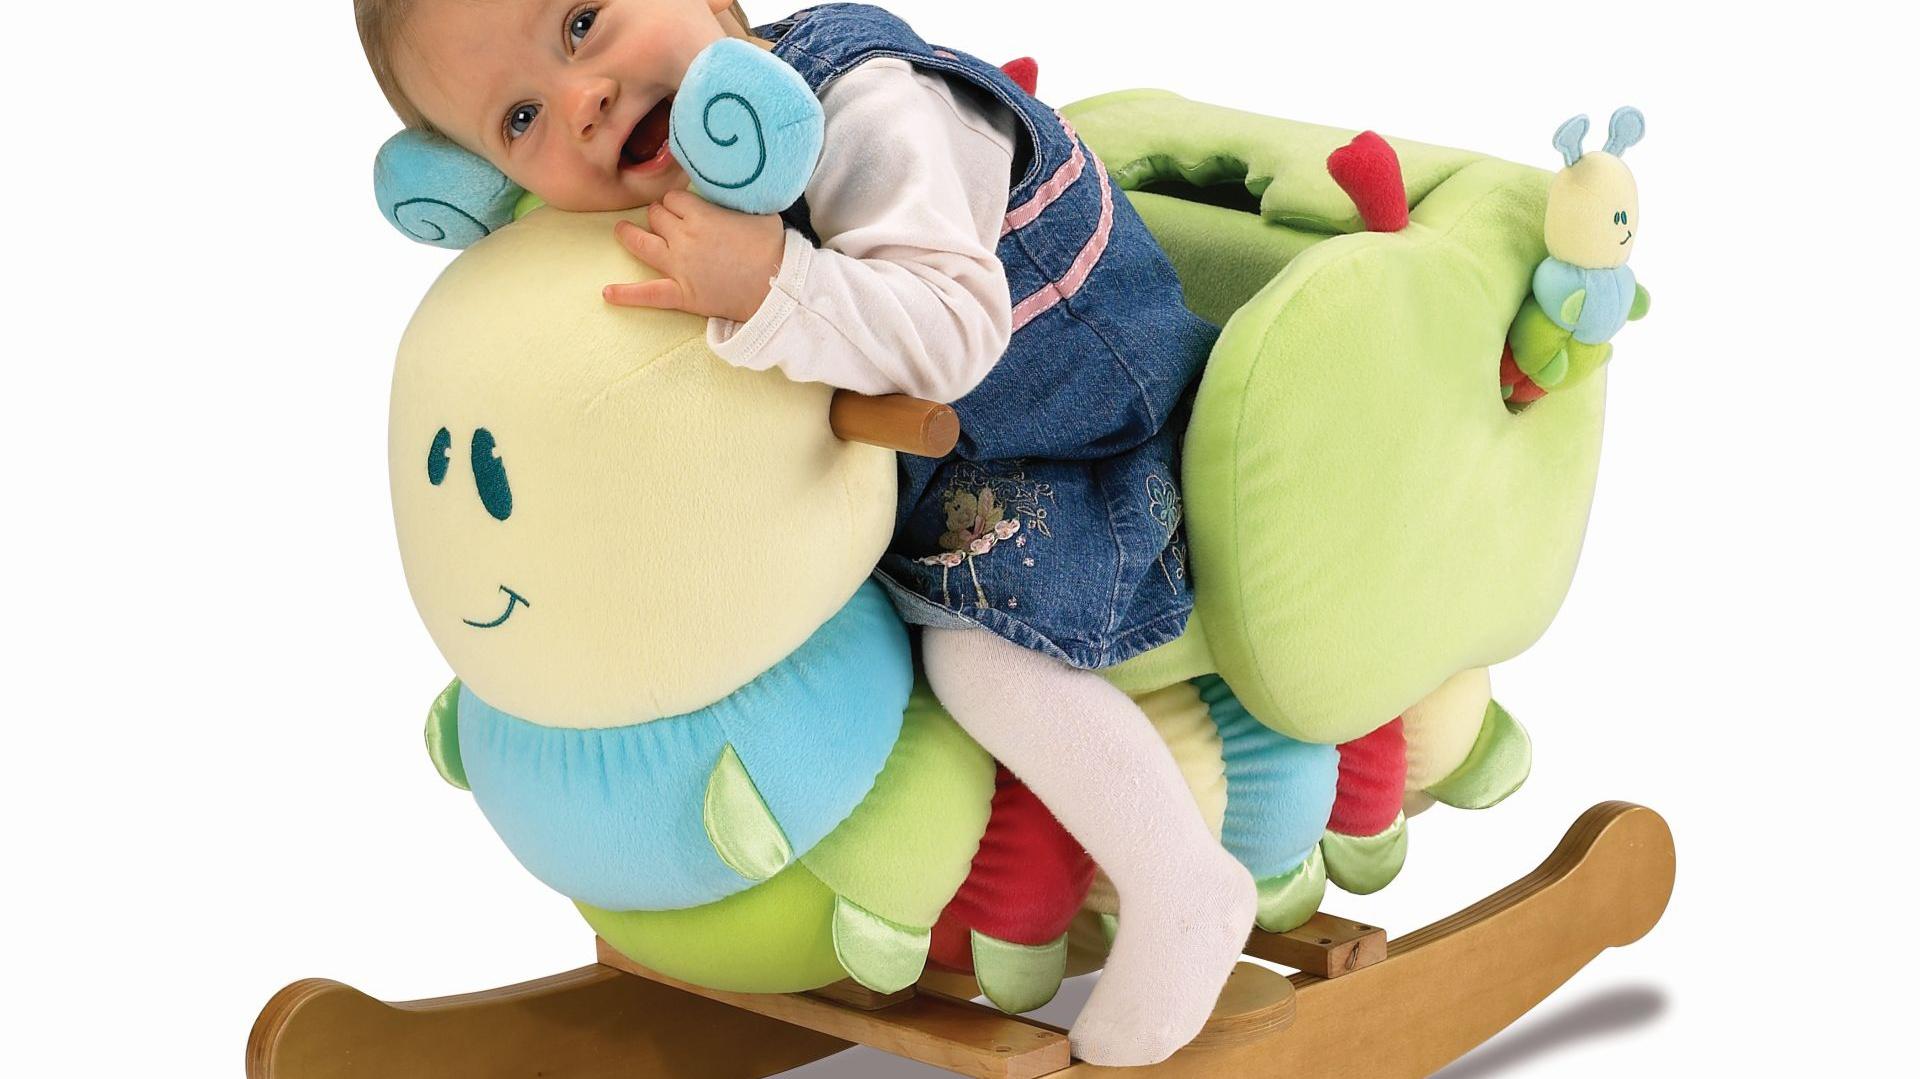 Współczesne zabawki na biegunach nie ograniczają się wyłącznie do kształtu przypominającego konia. Często przyjmują postać innych zwierząt lub postaci z popularnych bajek. Fot. Little Bird Told Me.